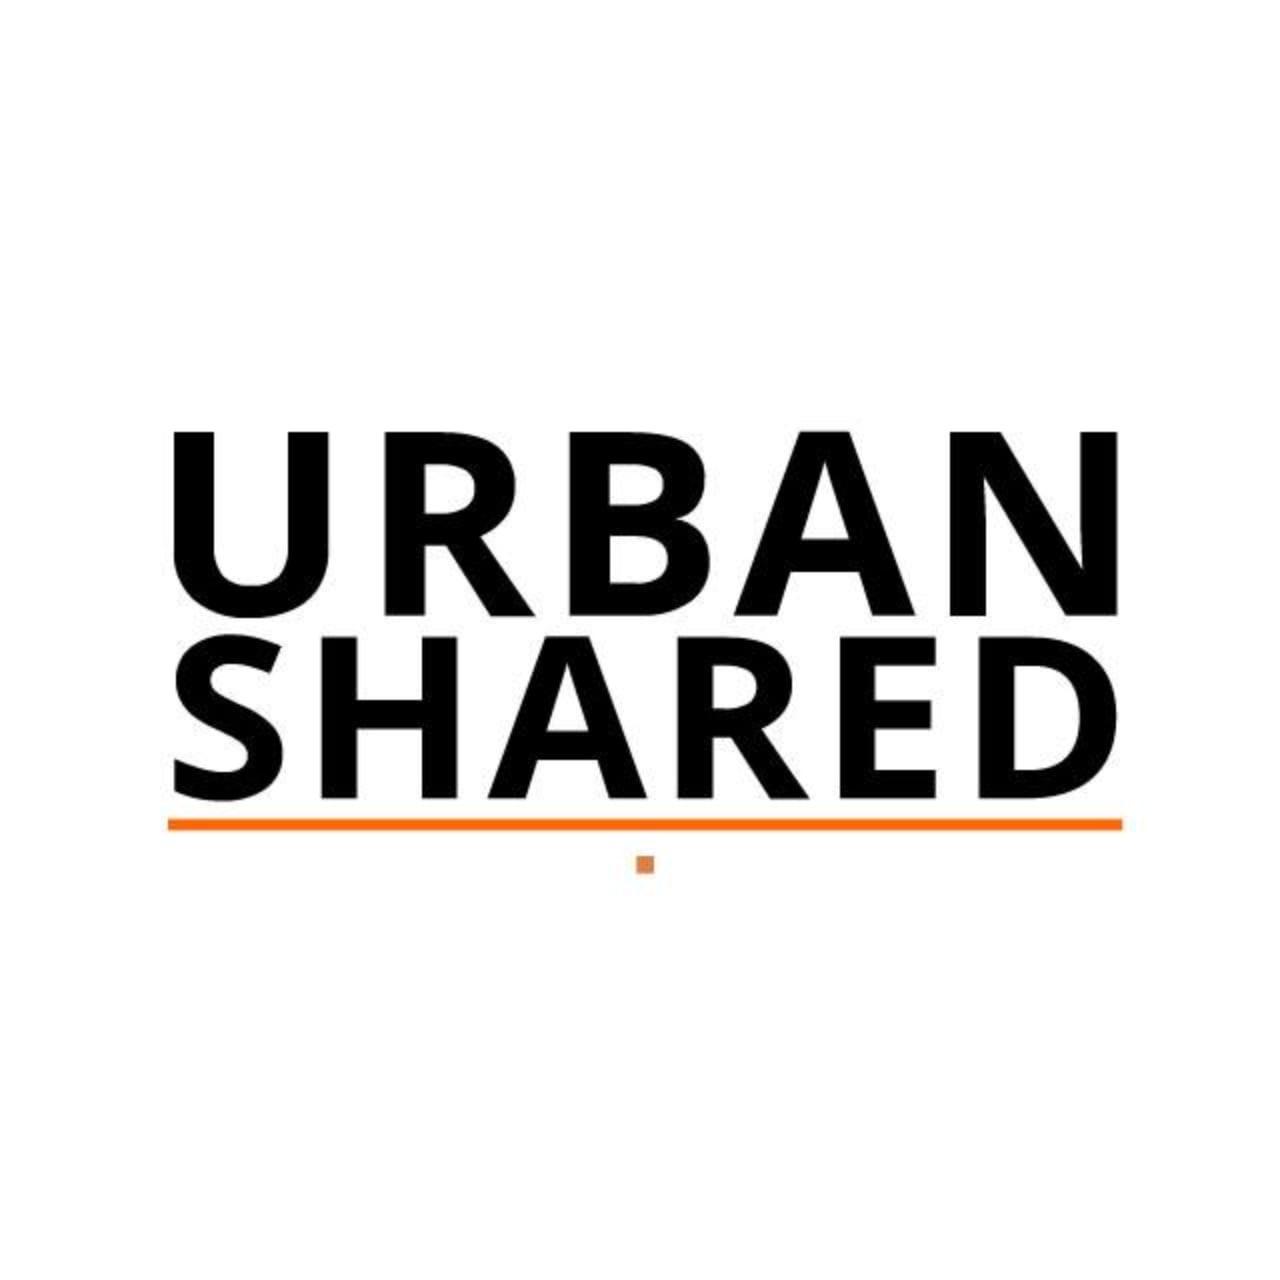 UrbanShared